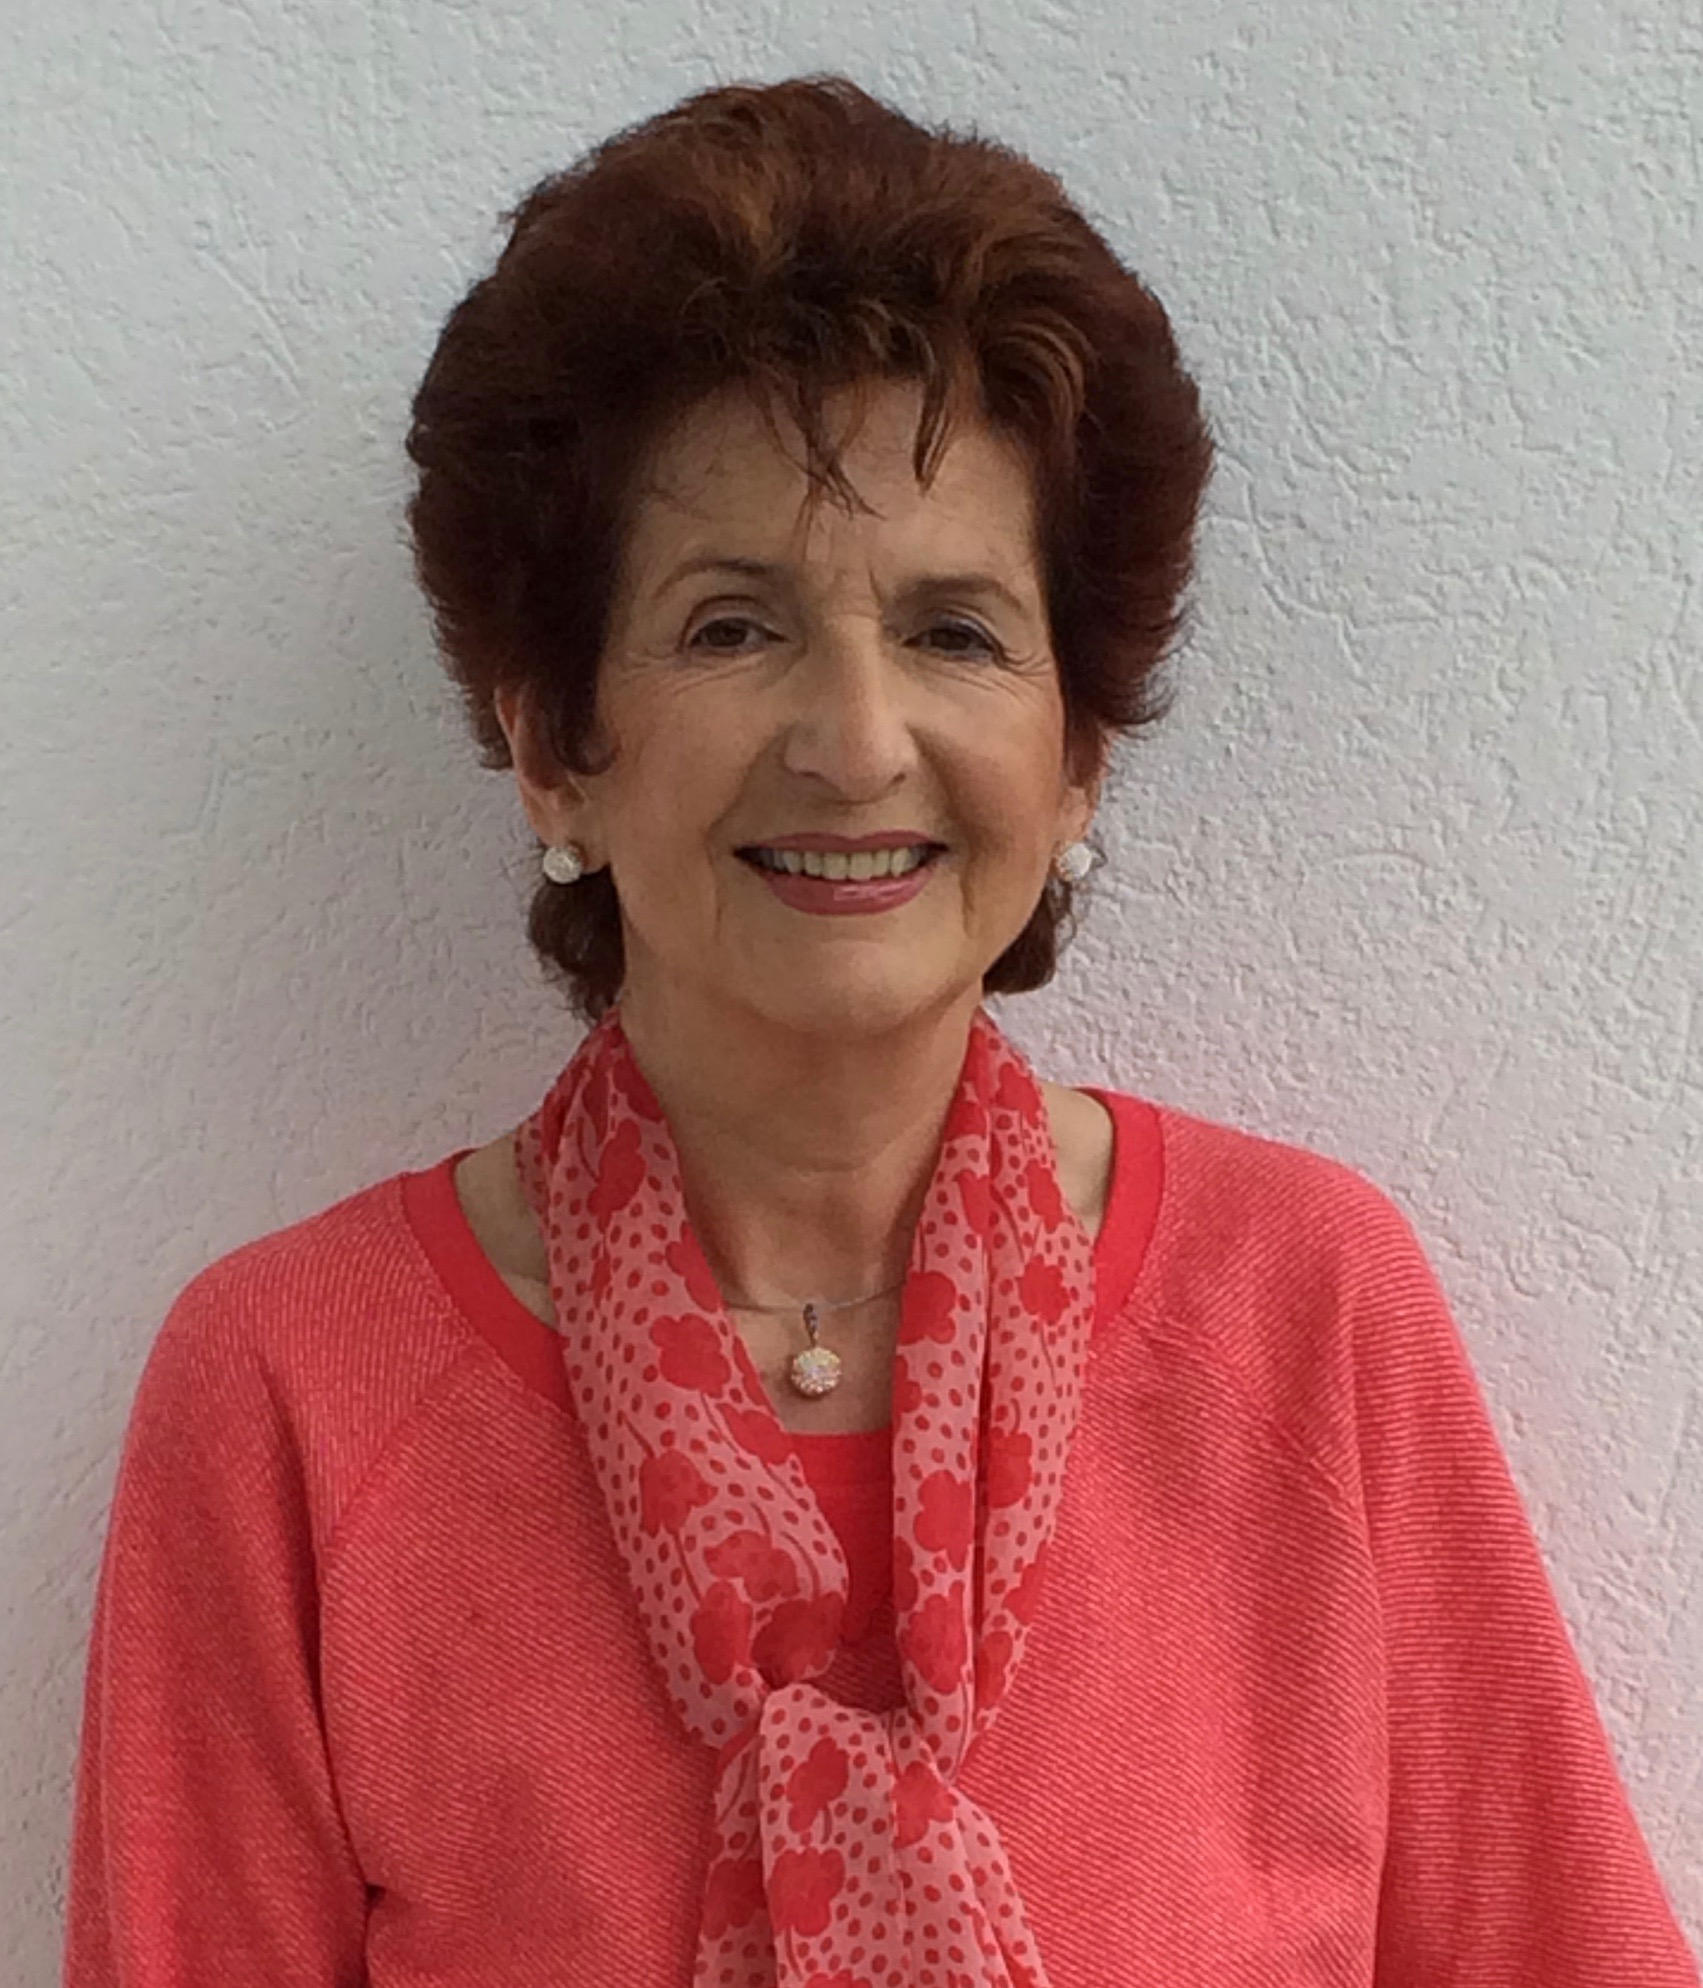 Waltraud-Maria Hulke